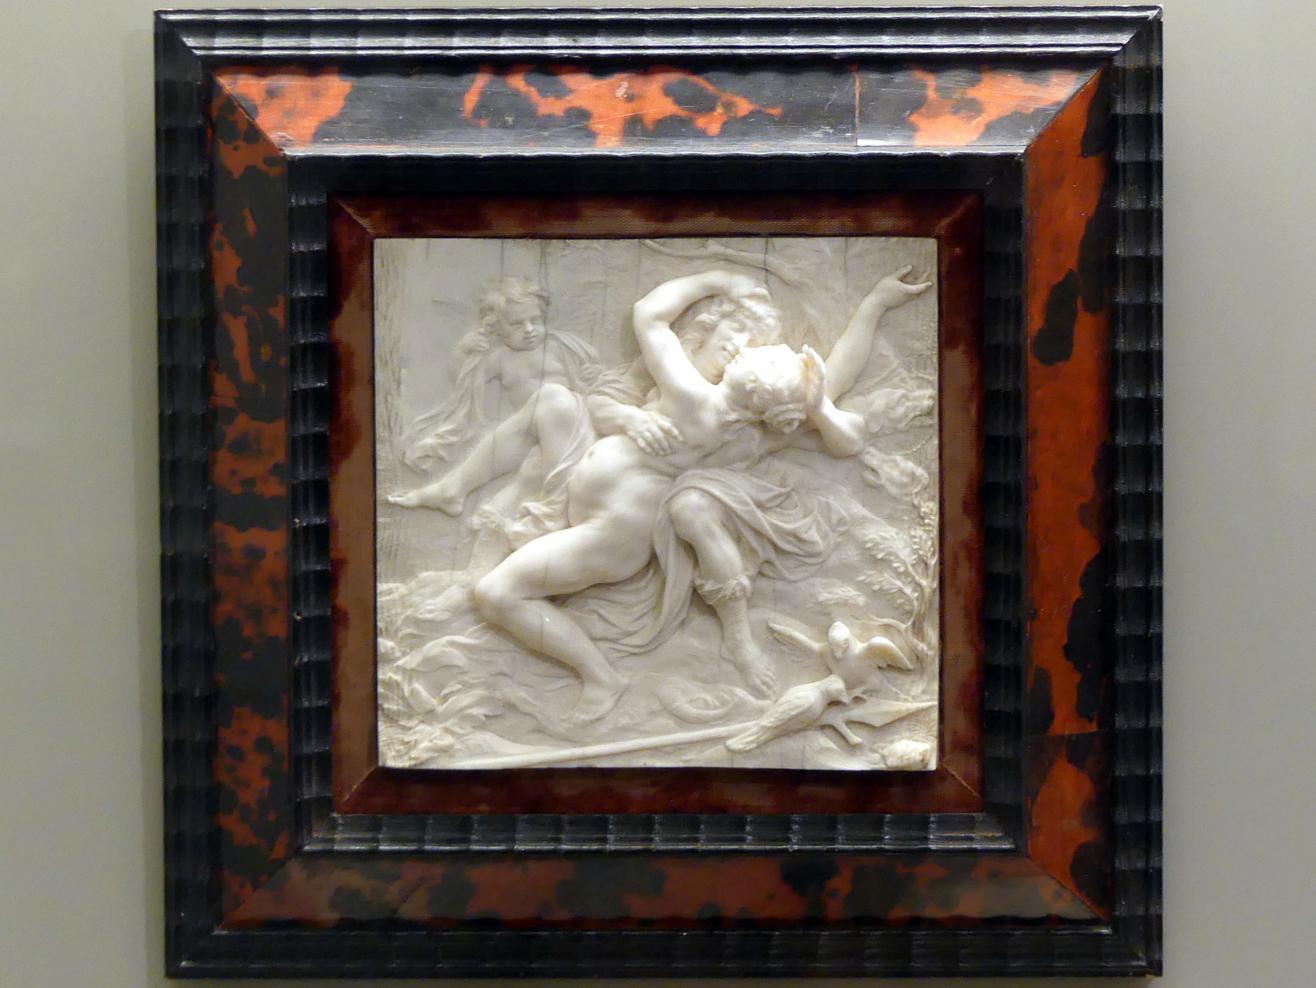 Joachim Henne: Venus in den Armen von Adonis, um 1670 - 1680